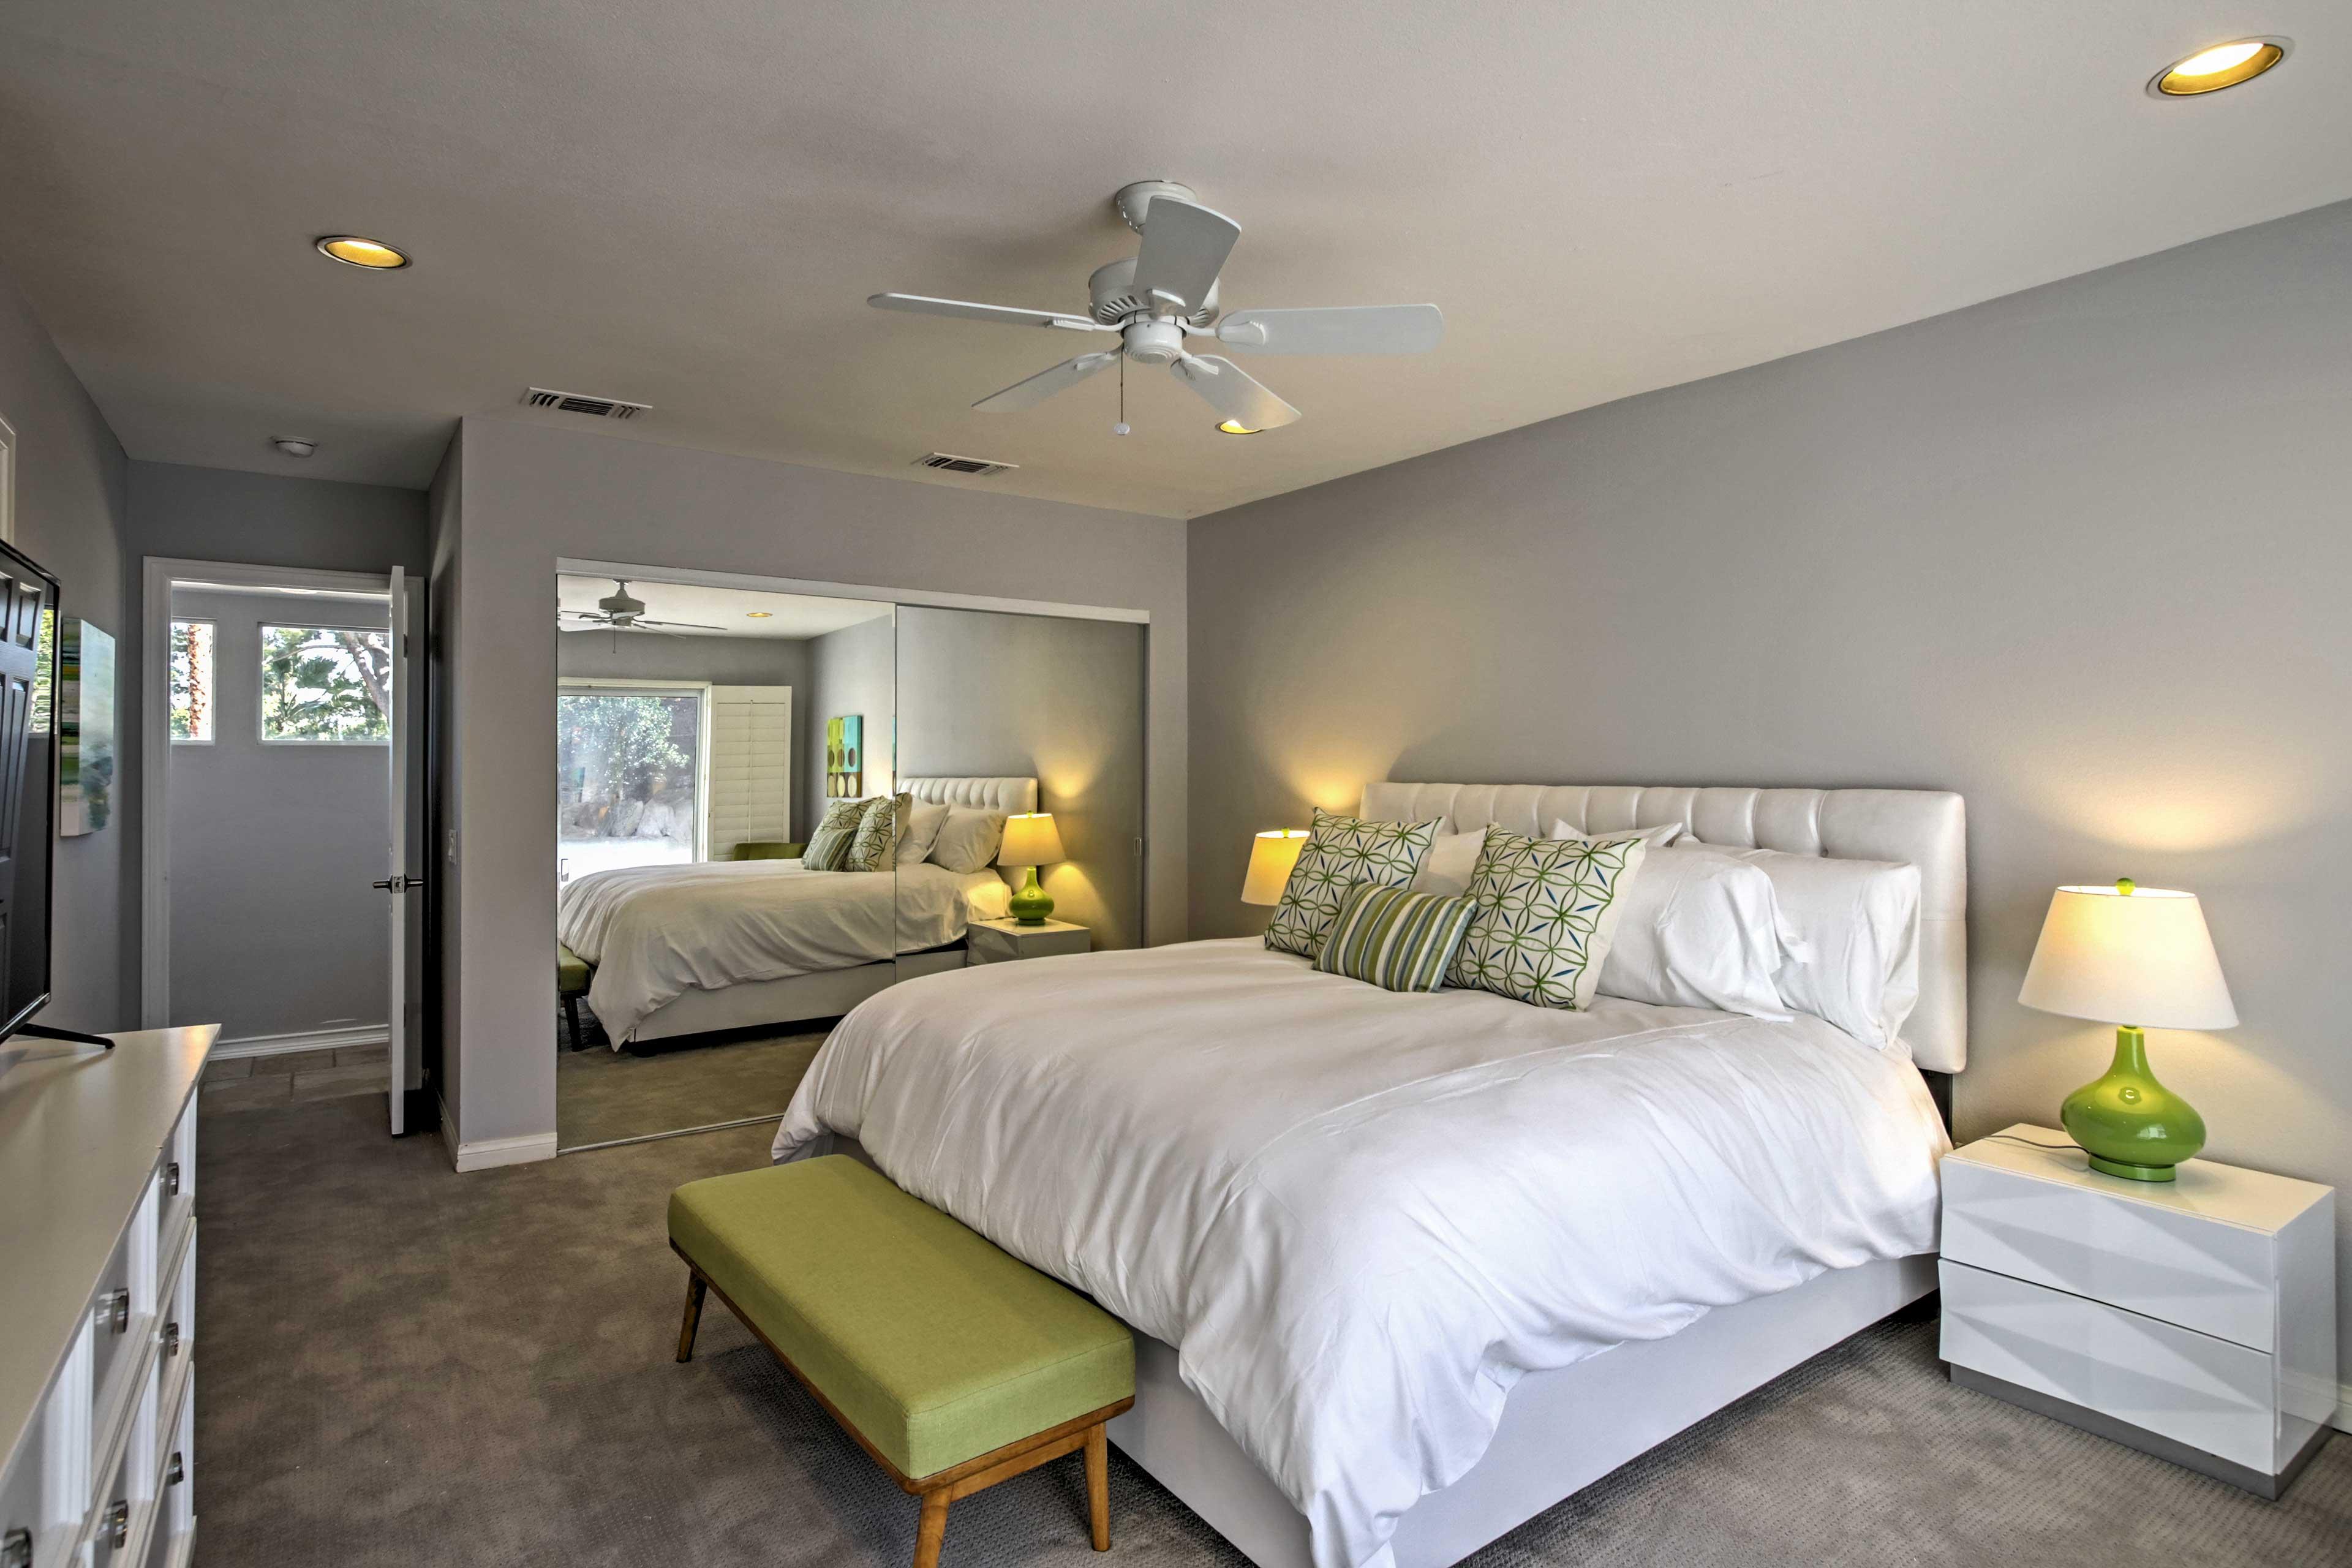 Jump into a deep sleep on the luxury linens.